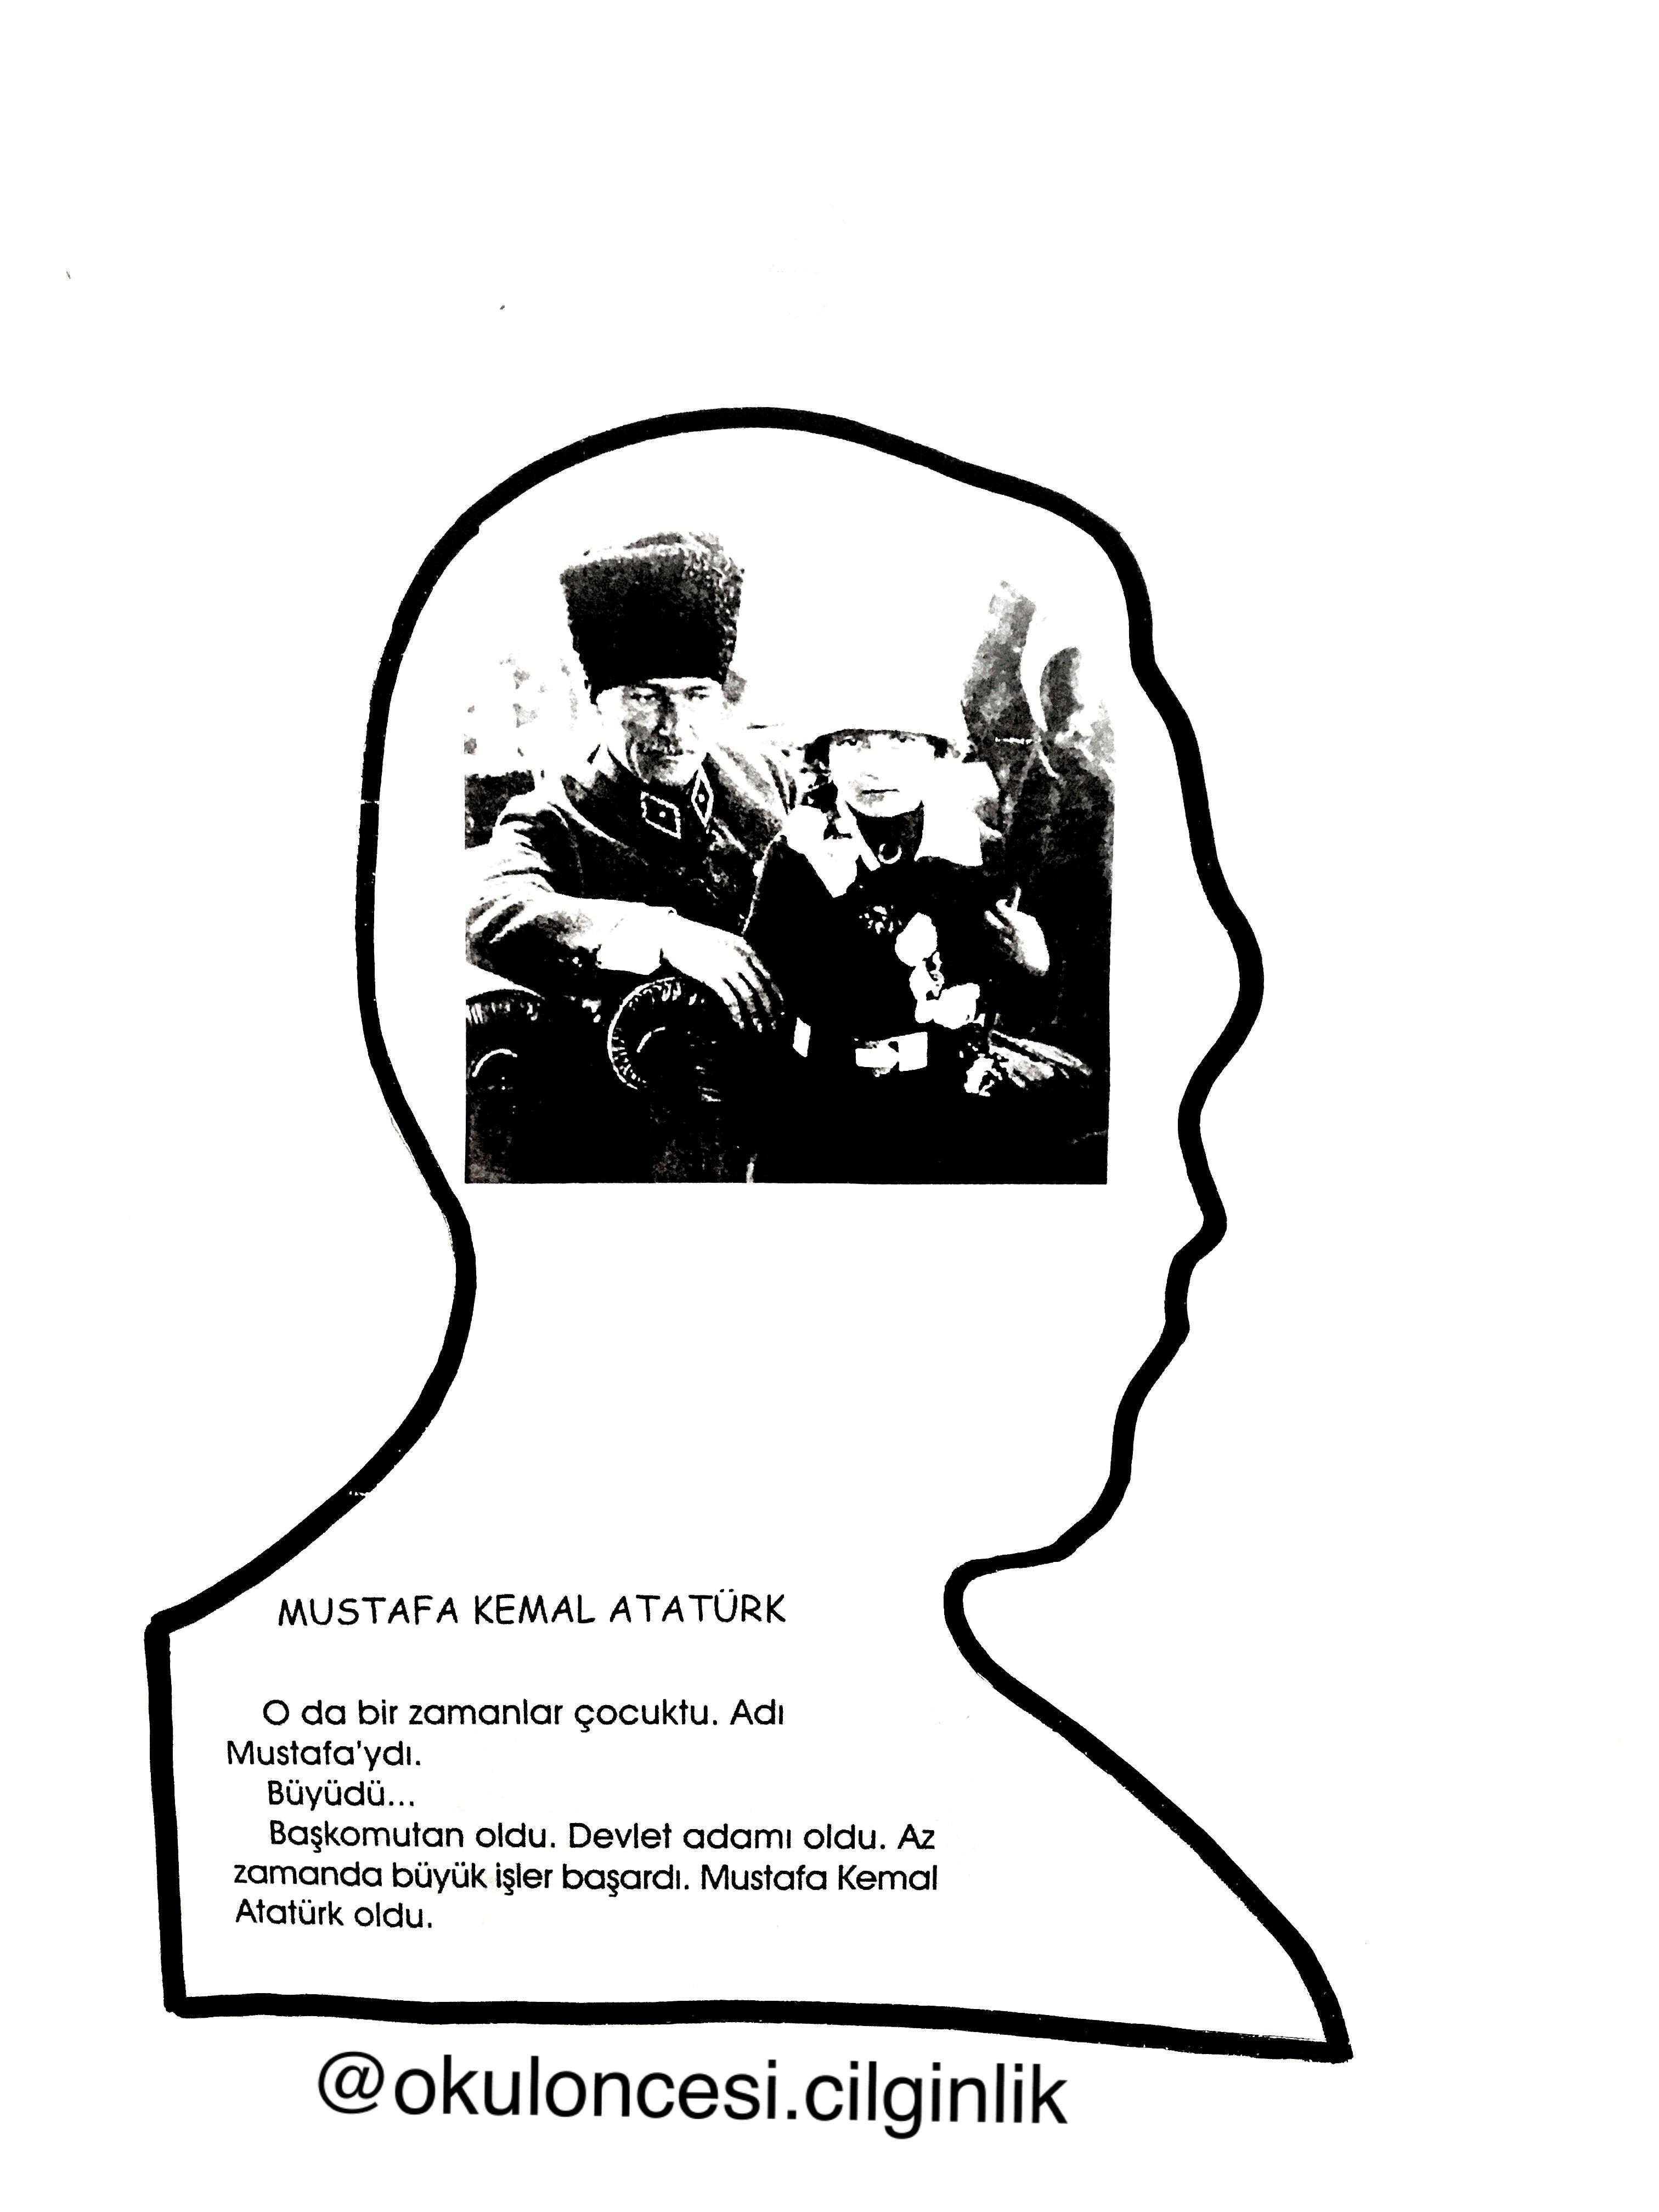 Ataturk Kitapcigi Kalip 2 Okuloncesi Cilginlik Basak Ogretmen Okul Oncesi Okul Faaliyetler